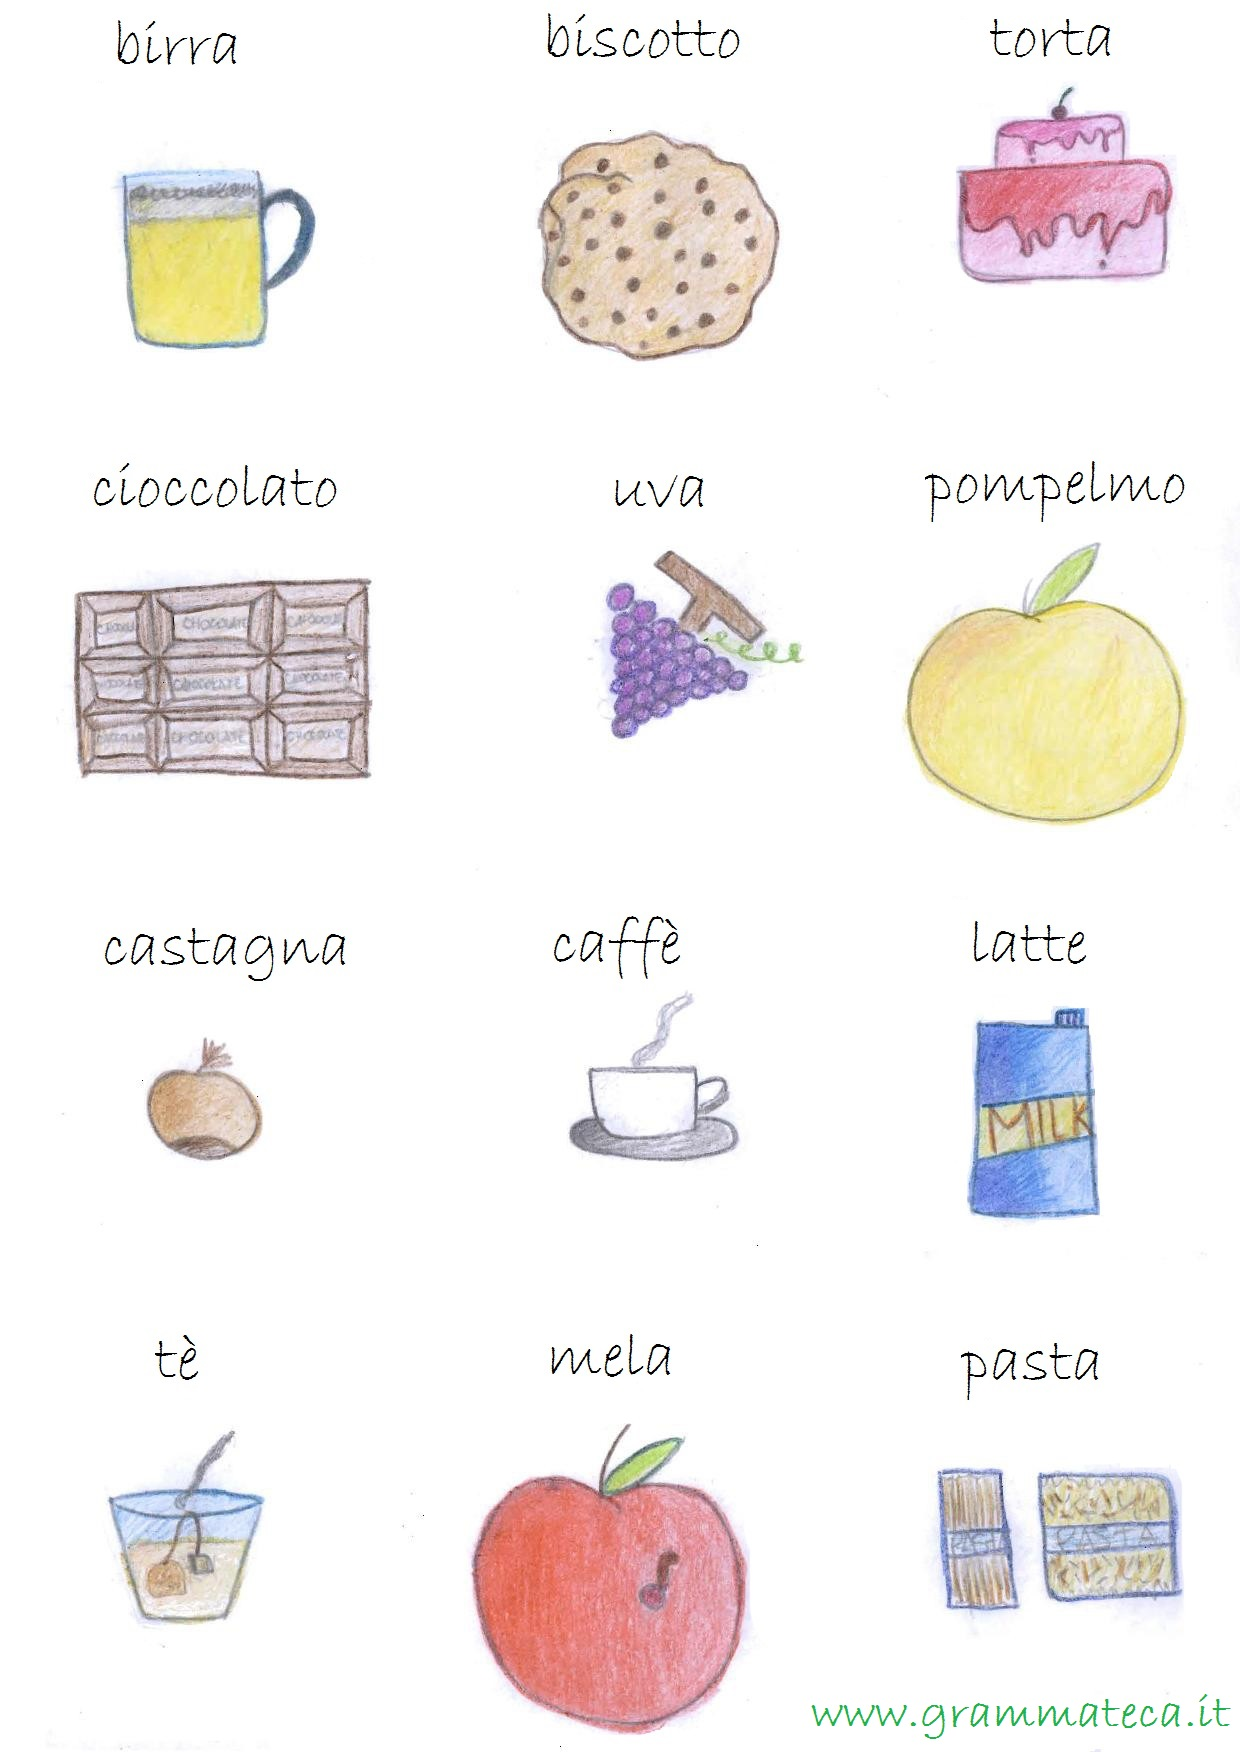 Dizionario illustrato italiano gramma teca - Immagini in francese per bambini ...